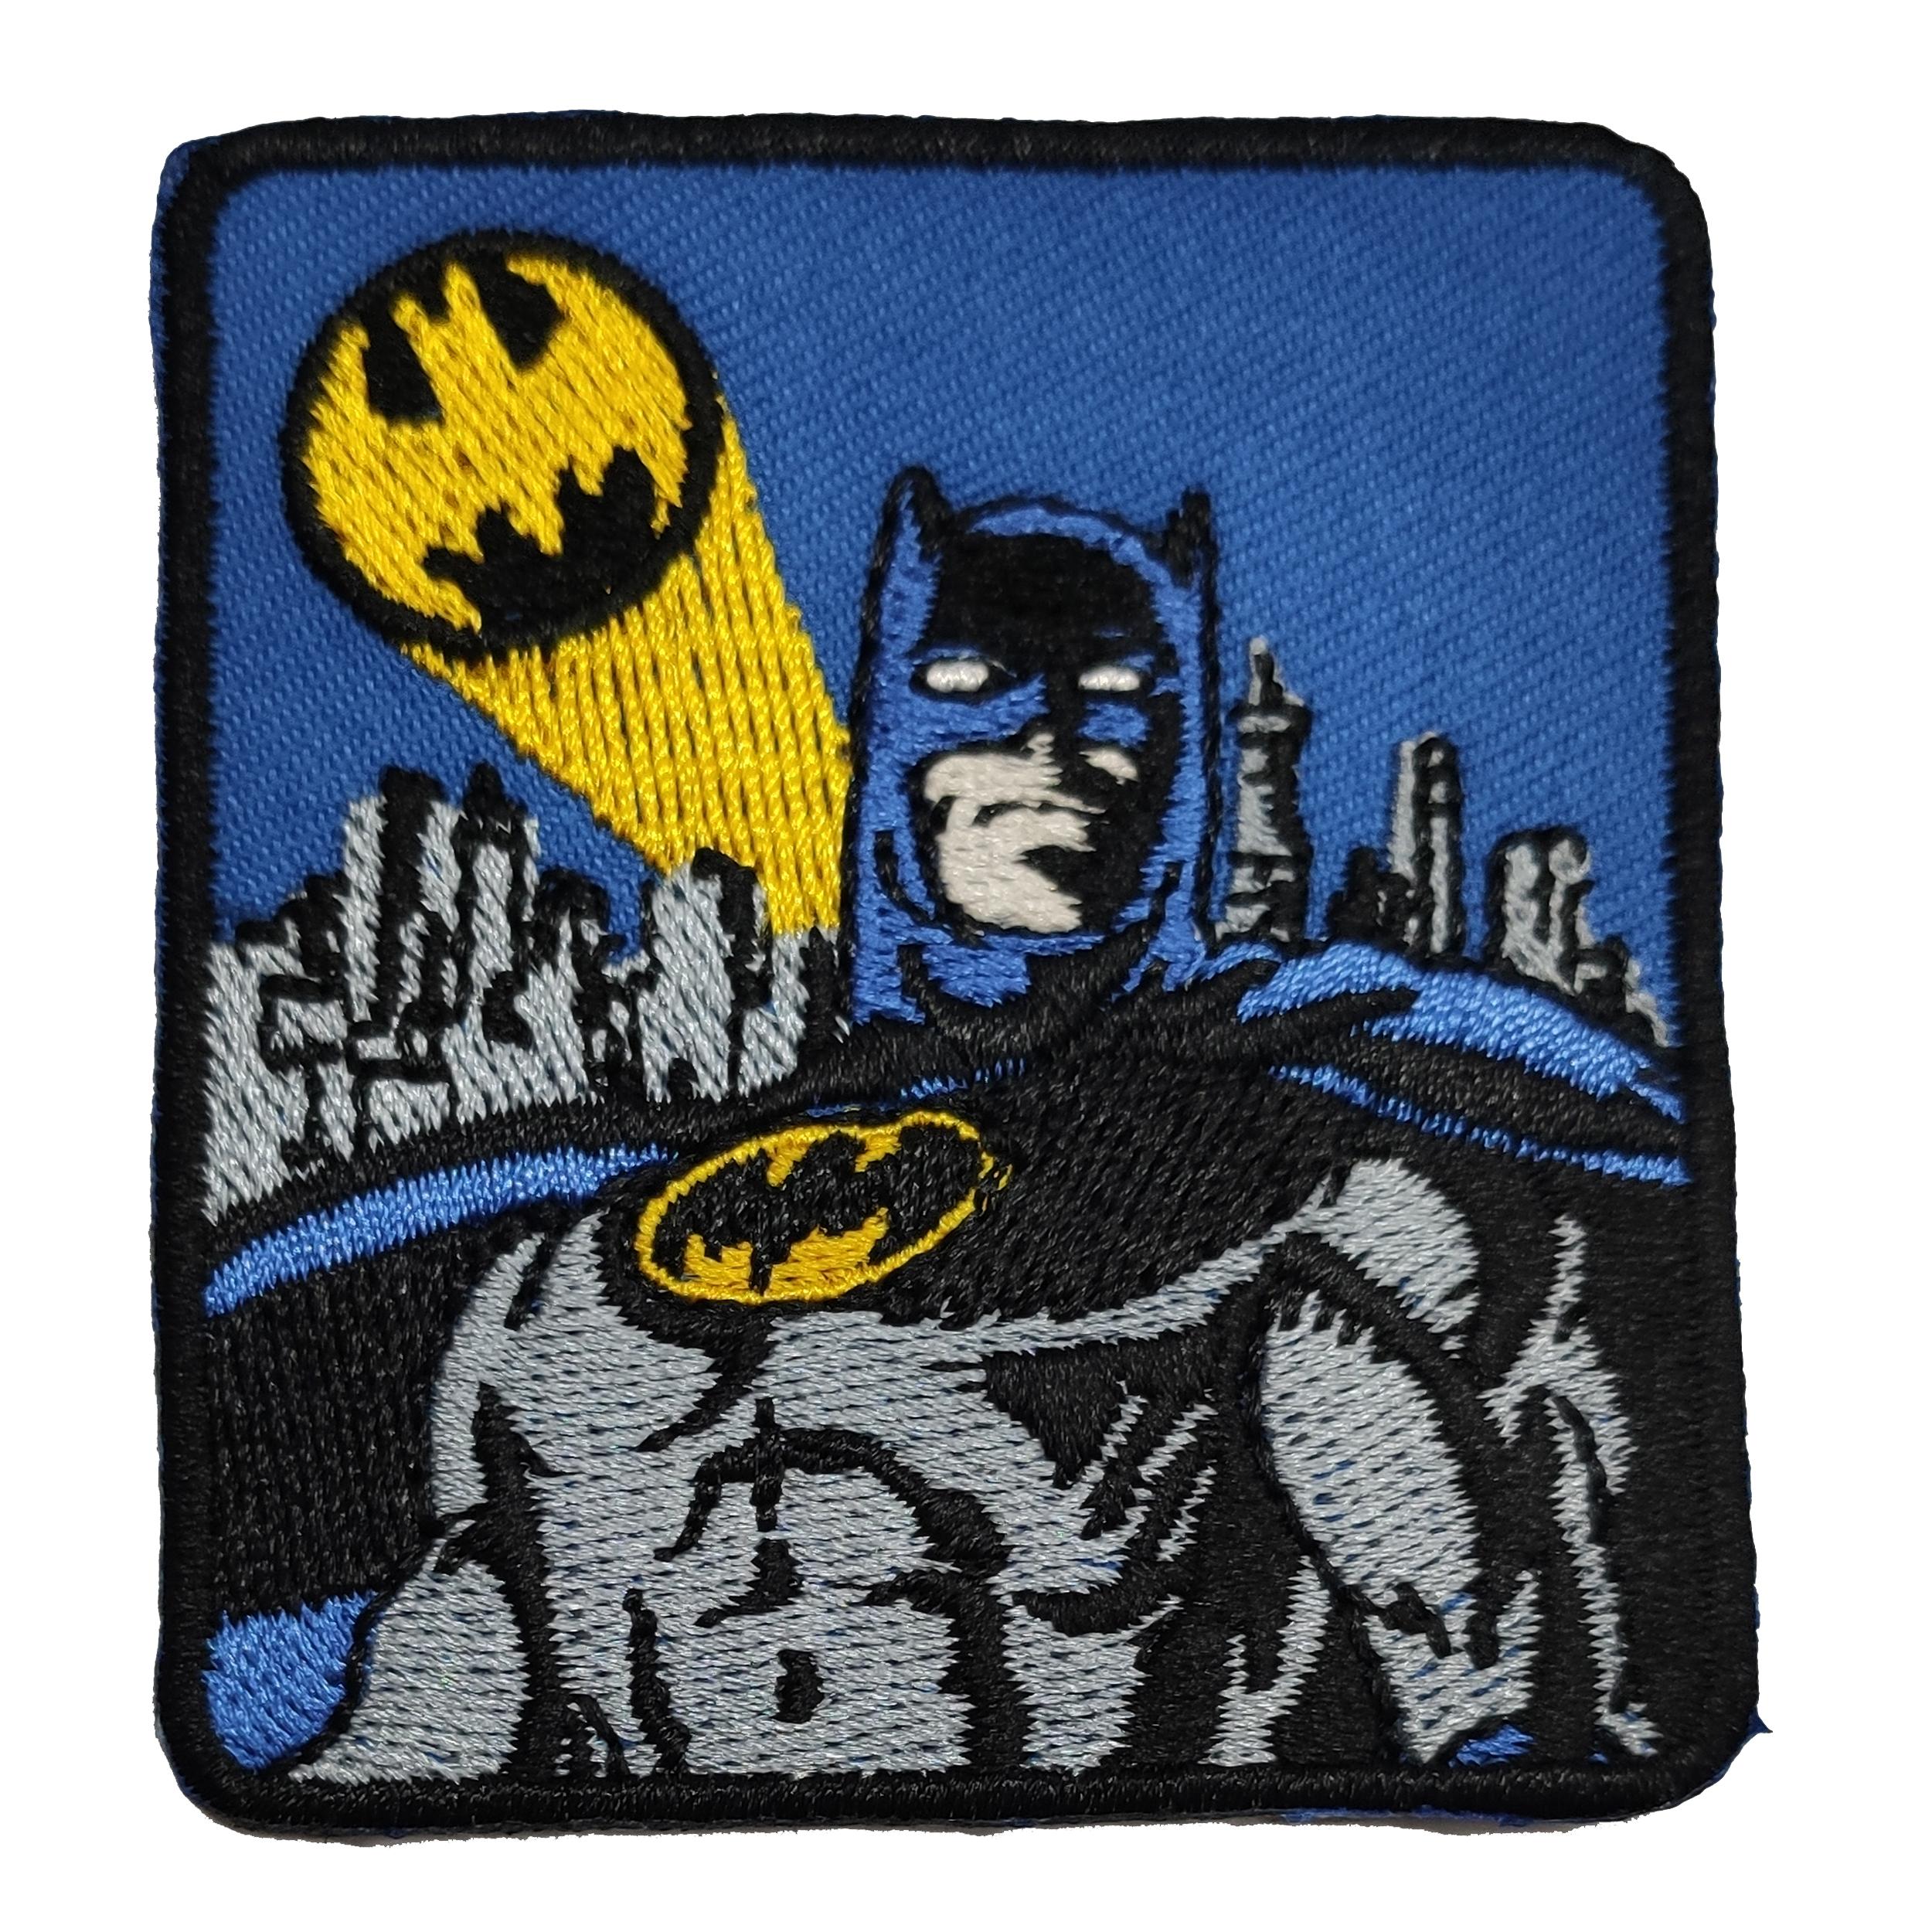 Applicazione Termoadesiva Batman con Bat-Segnale